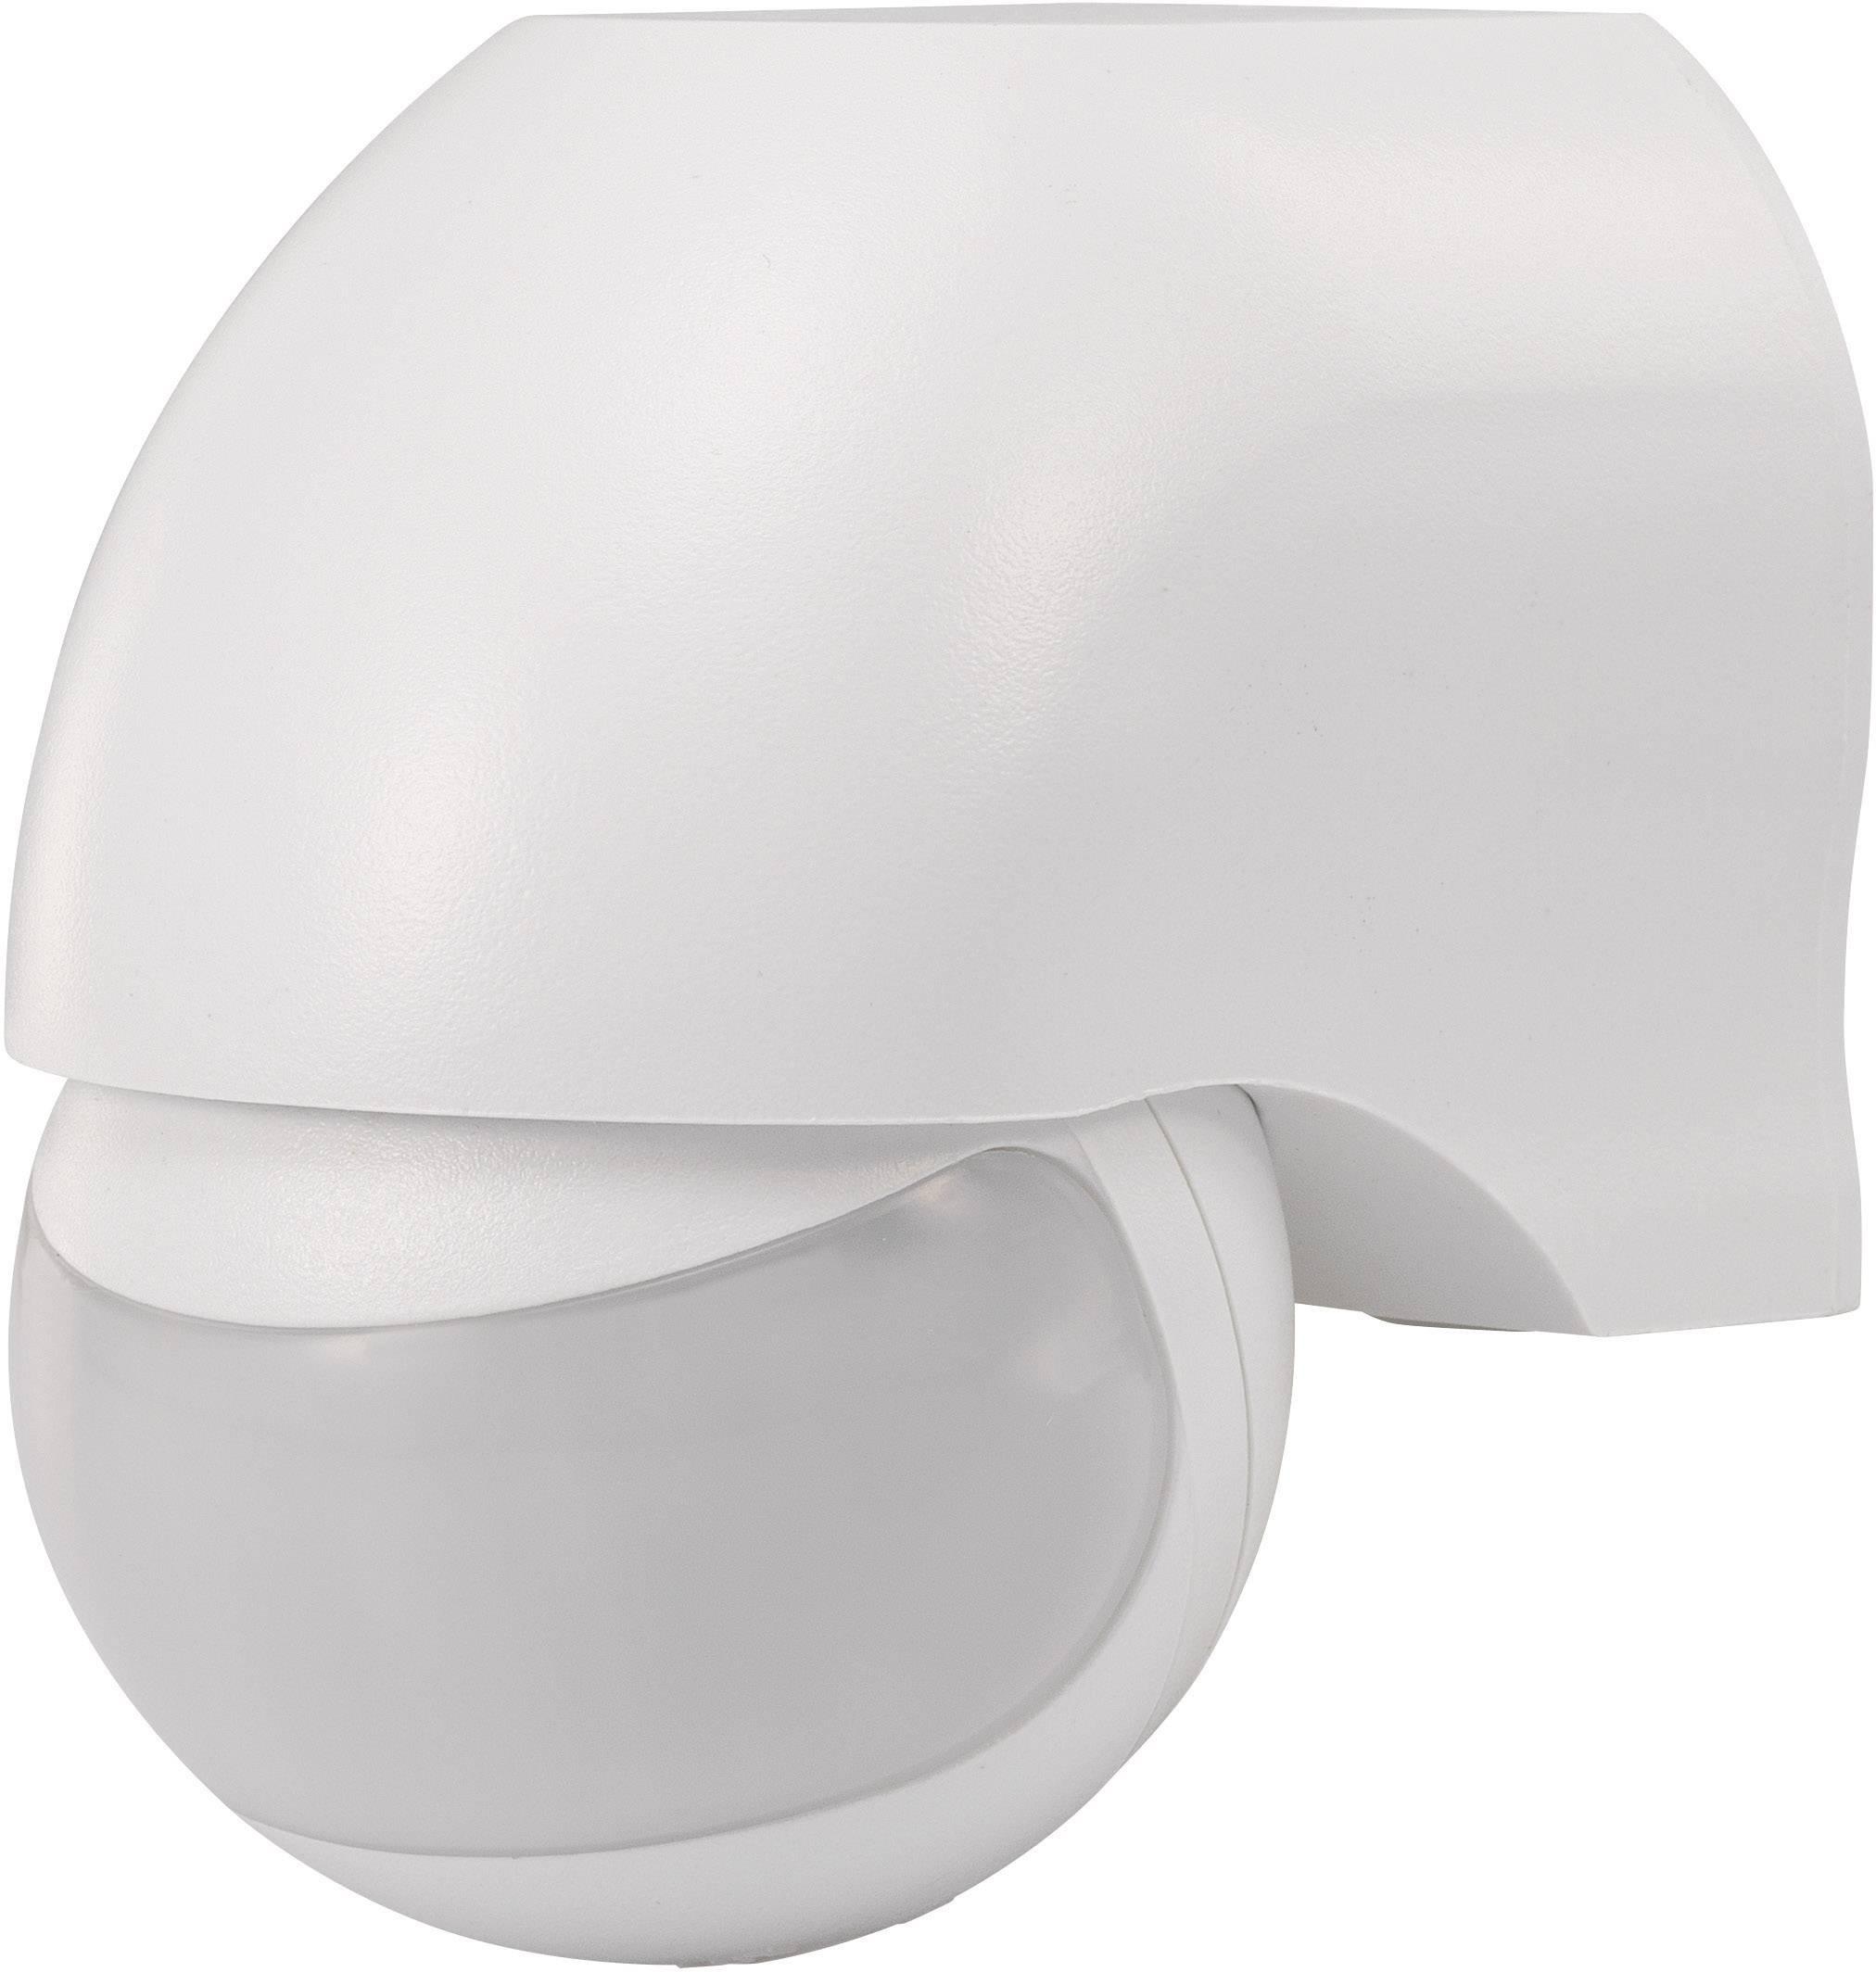 Senzor pohybu PIR Renkforce 1034069, 160 °, relé, biela, IP44